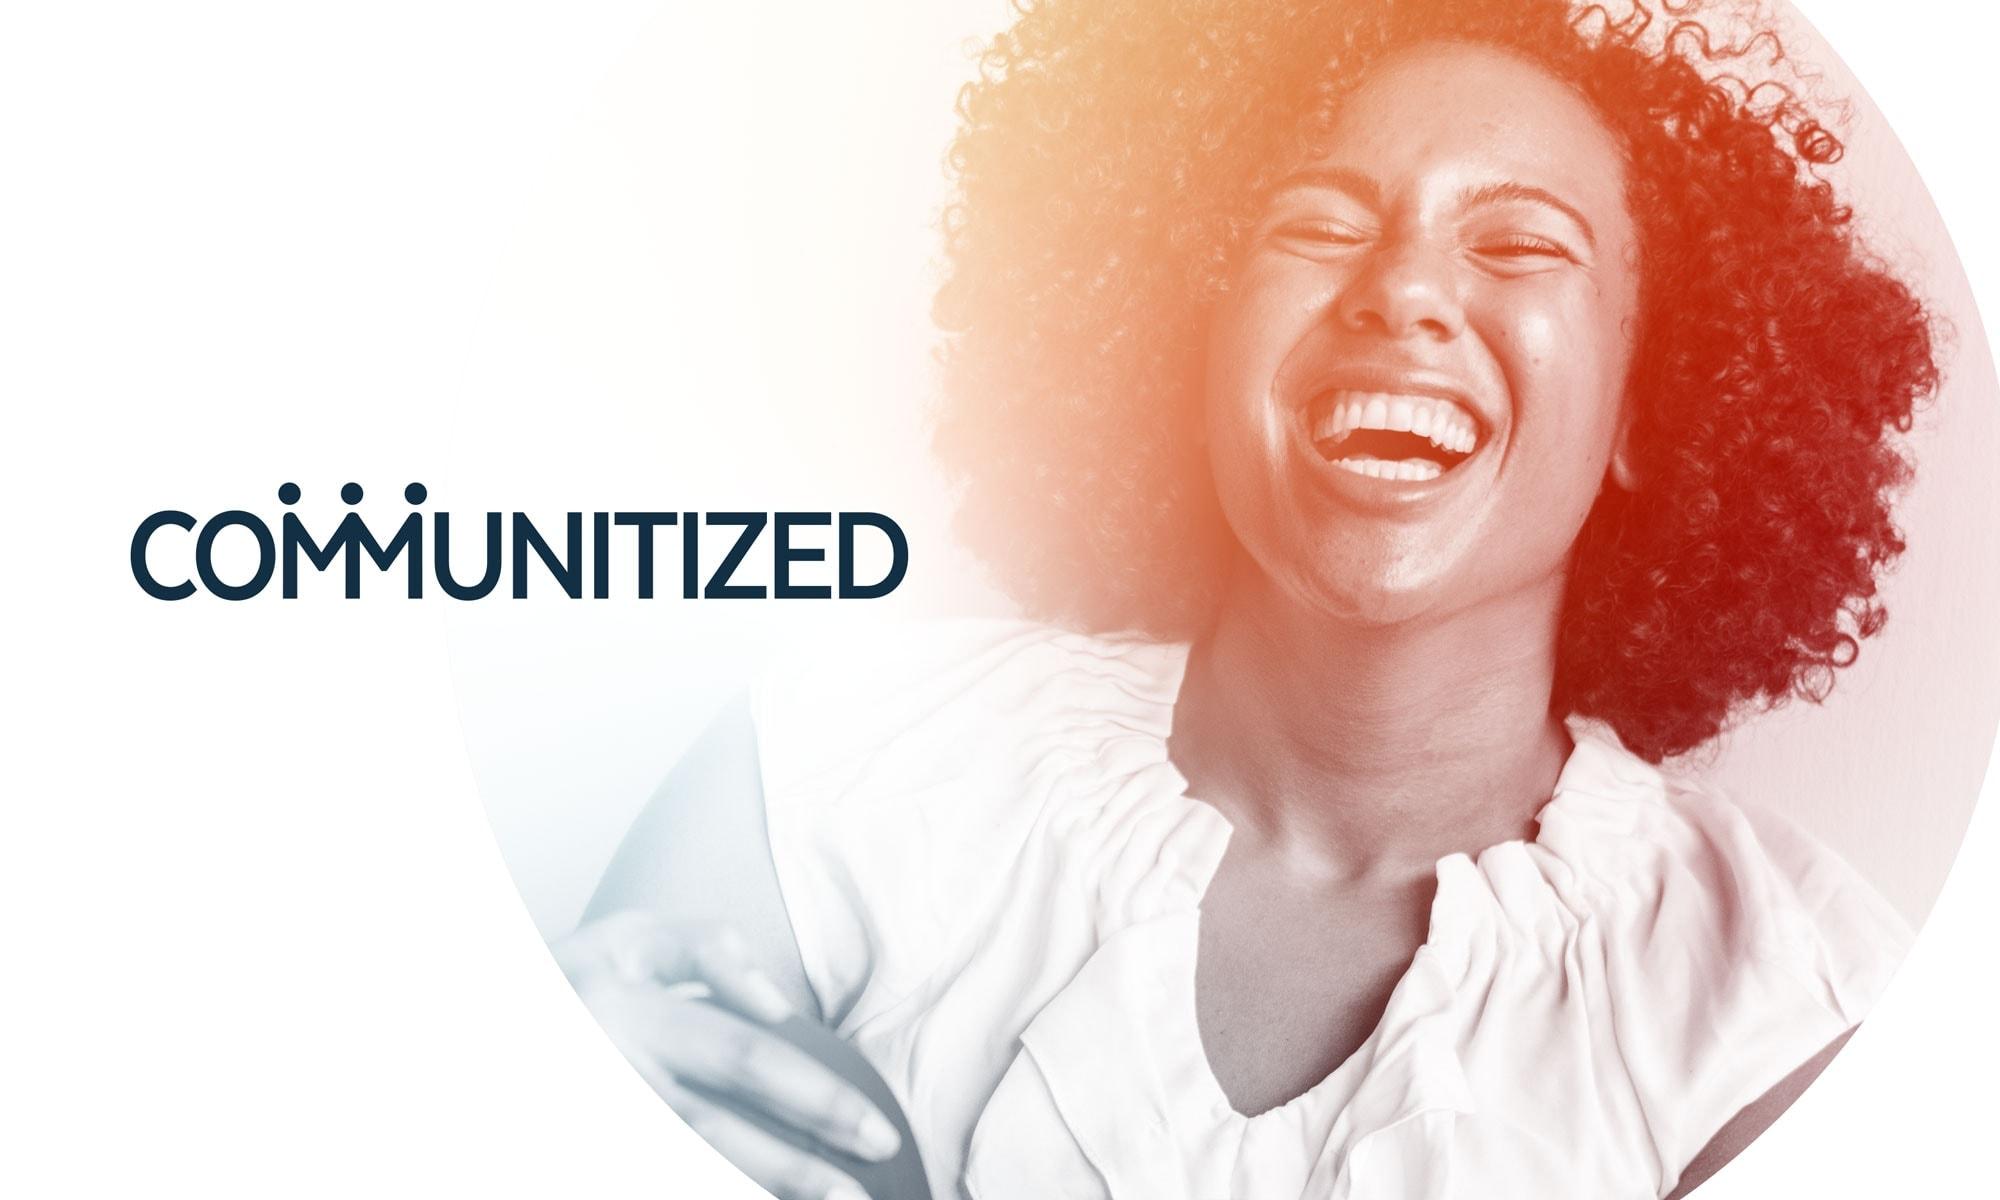 communitized brand identity